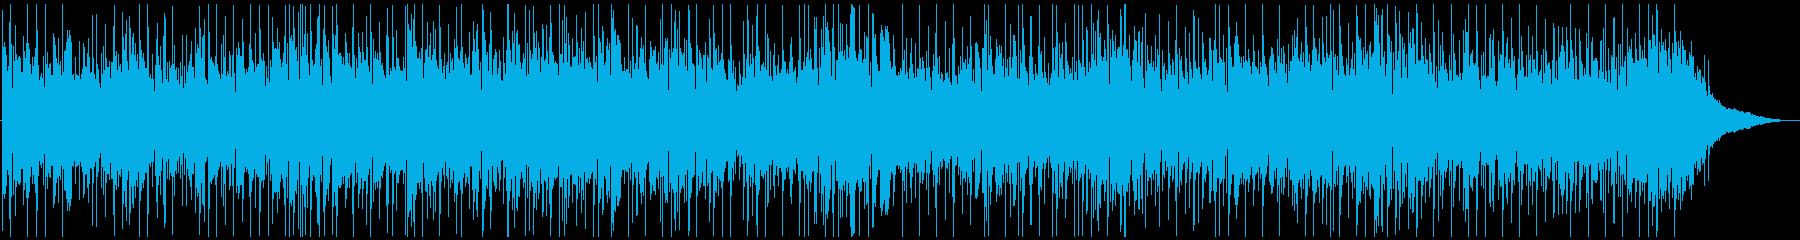 ポップな感じのケルティックリールの再生済みの波形